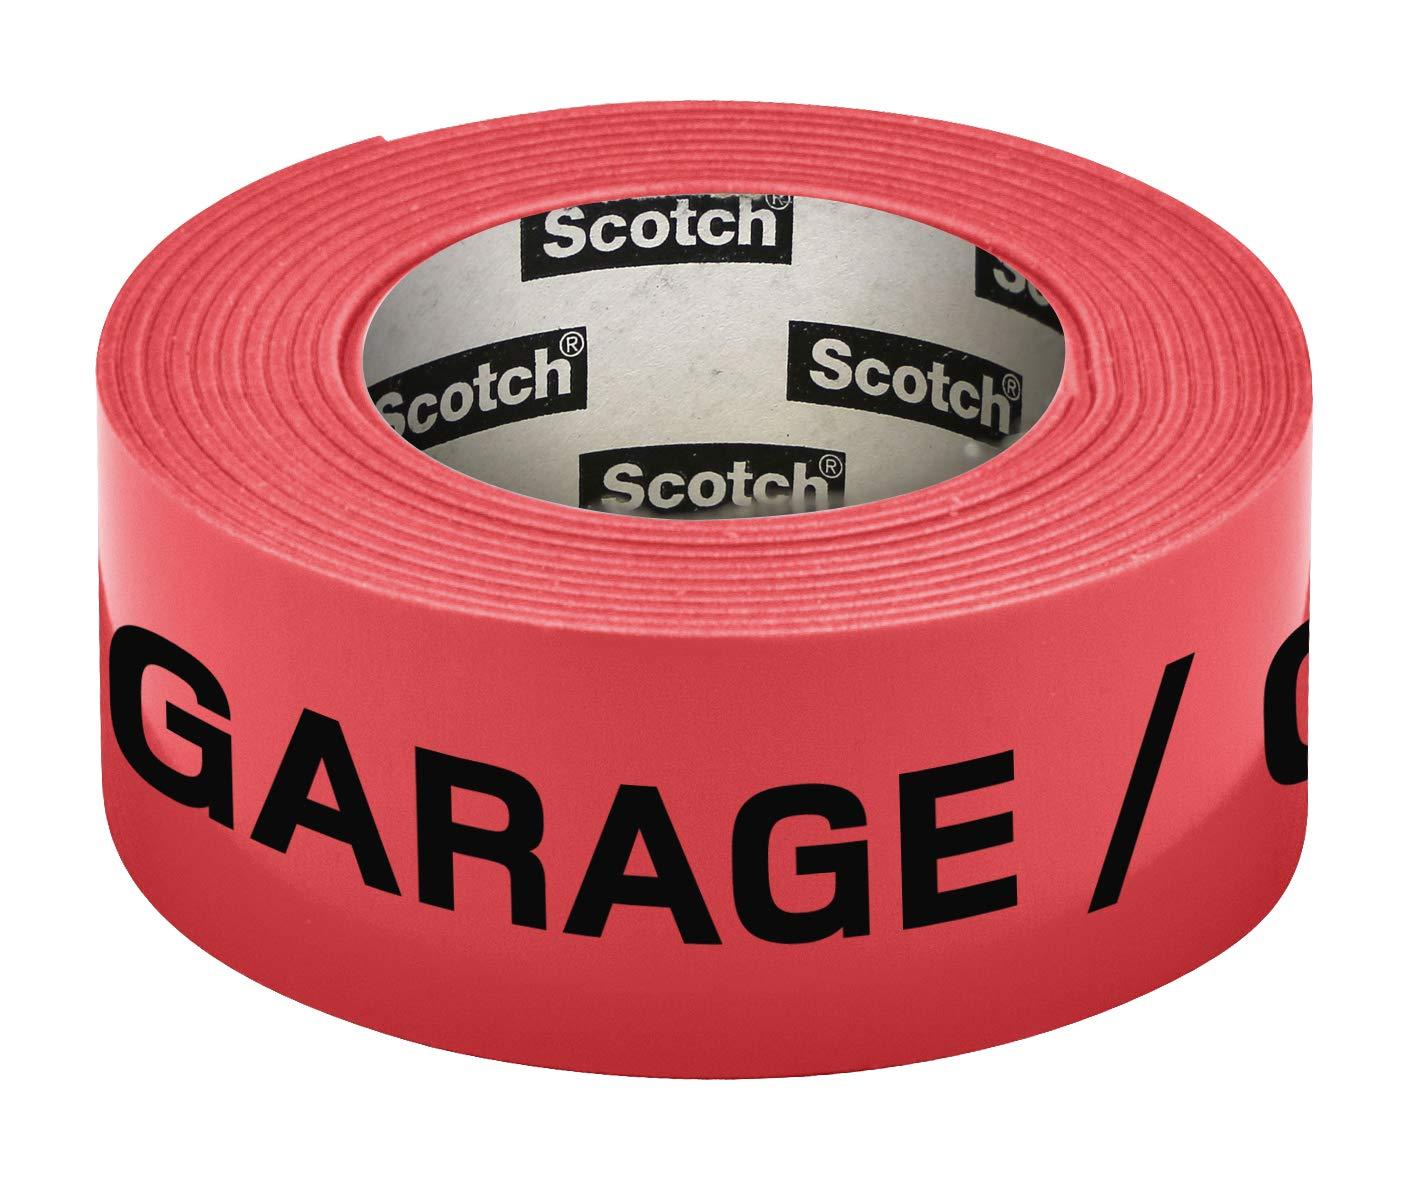 Scotch Ruban adhésif fluo préimprimé fluo Garage 30mm x 50m Rouge 3M 300157G